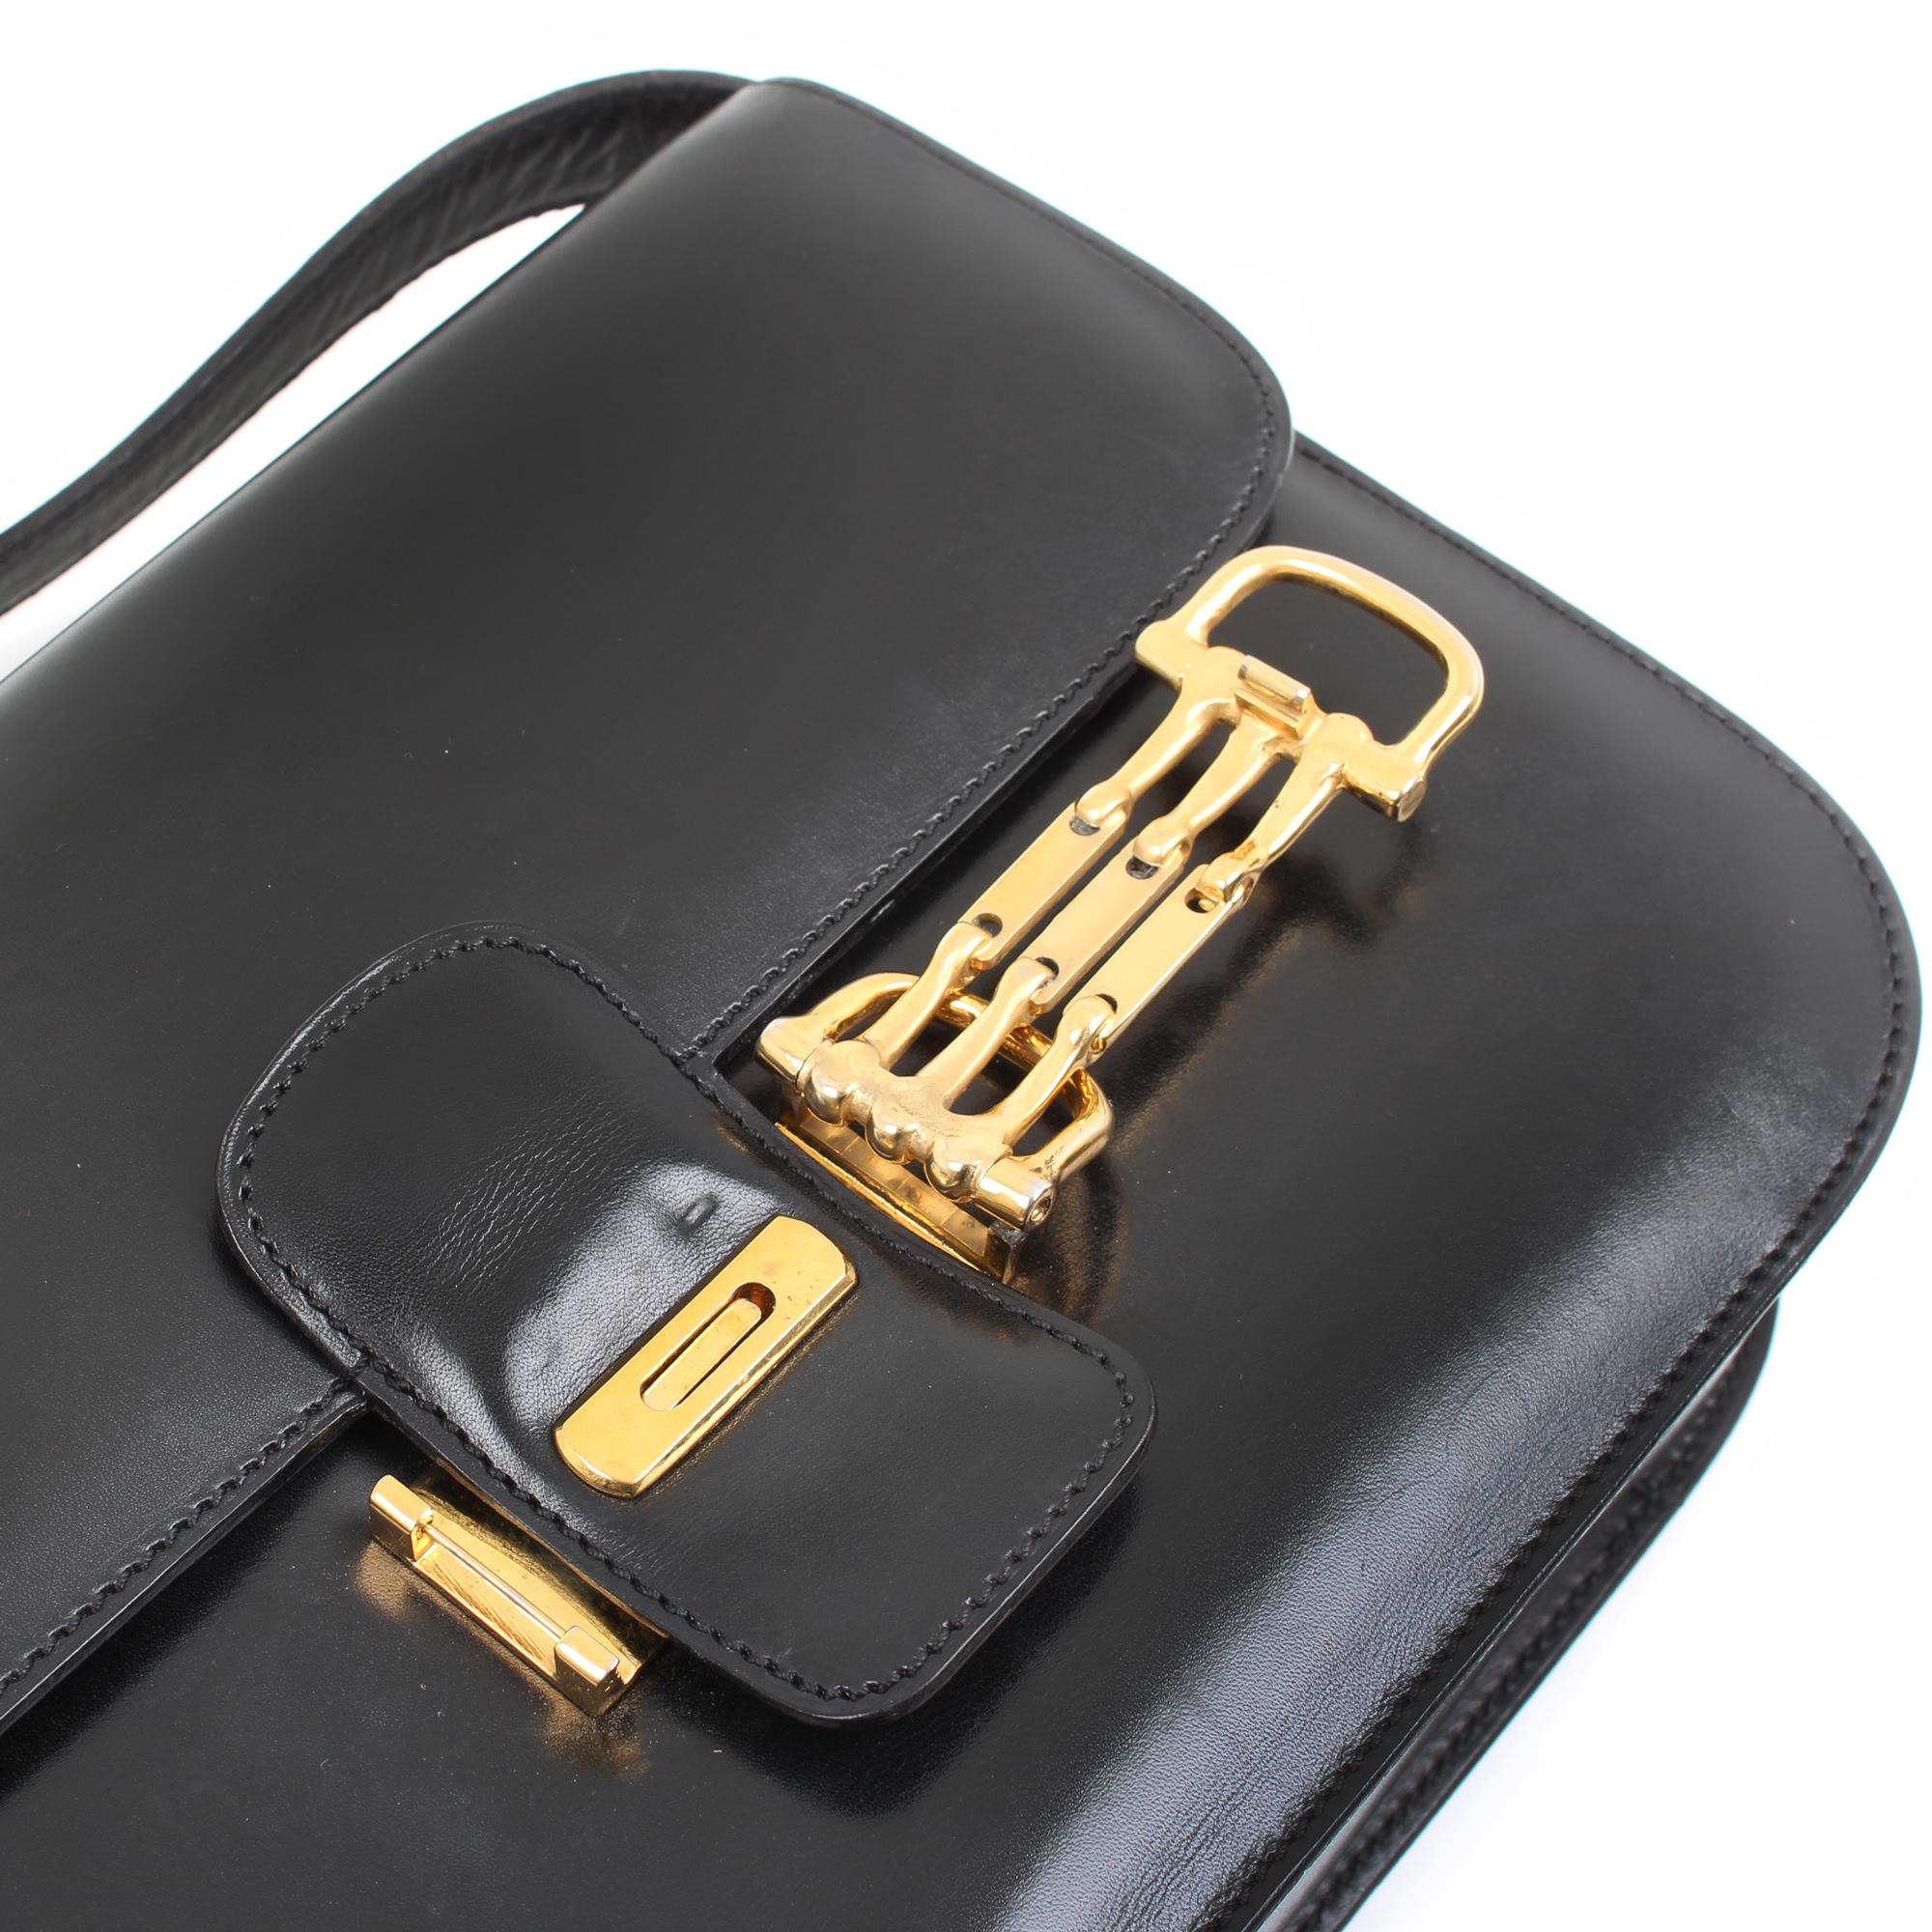 Image of the hardware of the celine box vintage shoulder bag